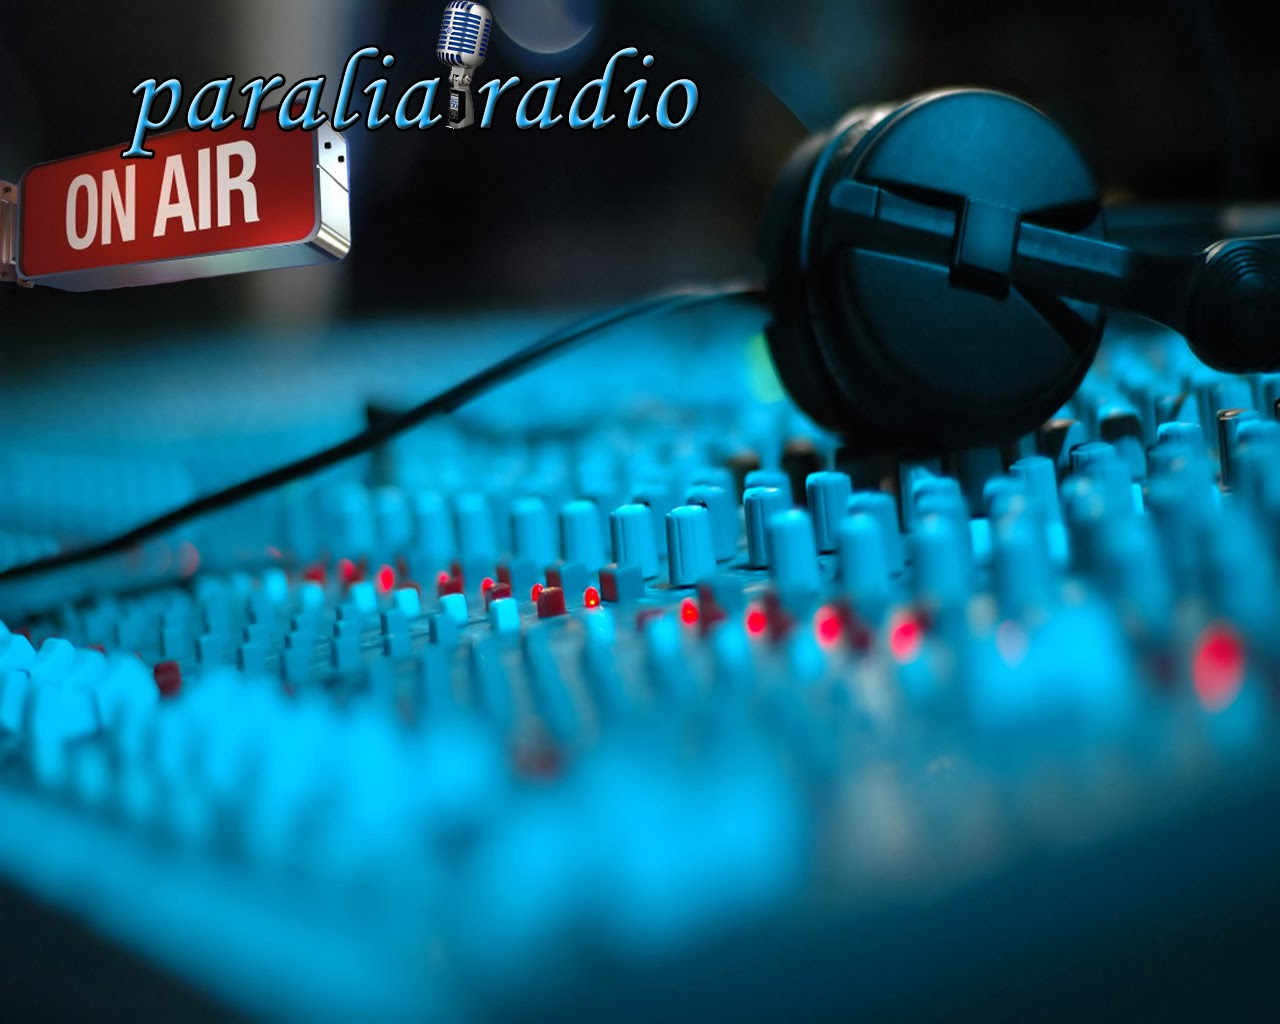 PARALIA RADIO